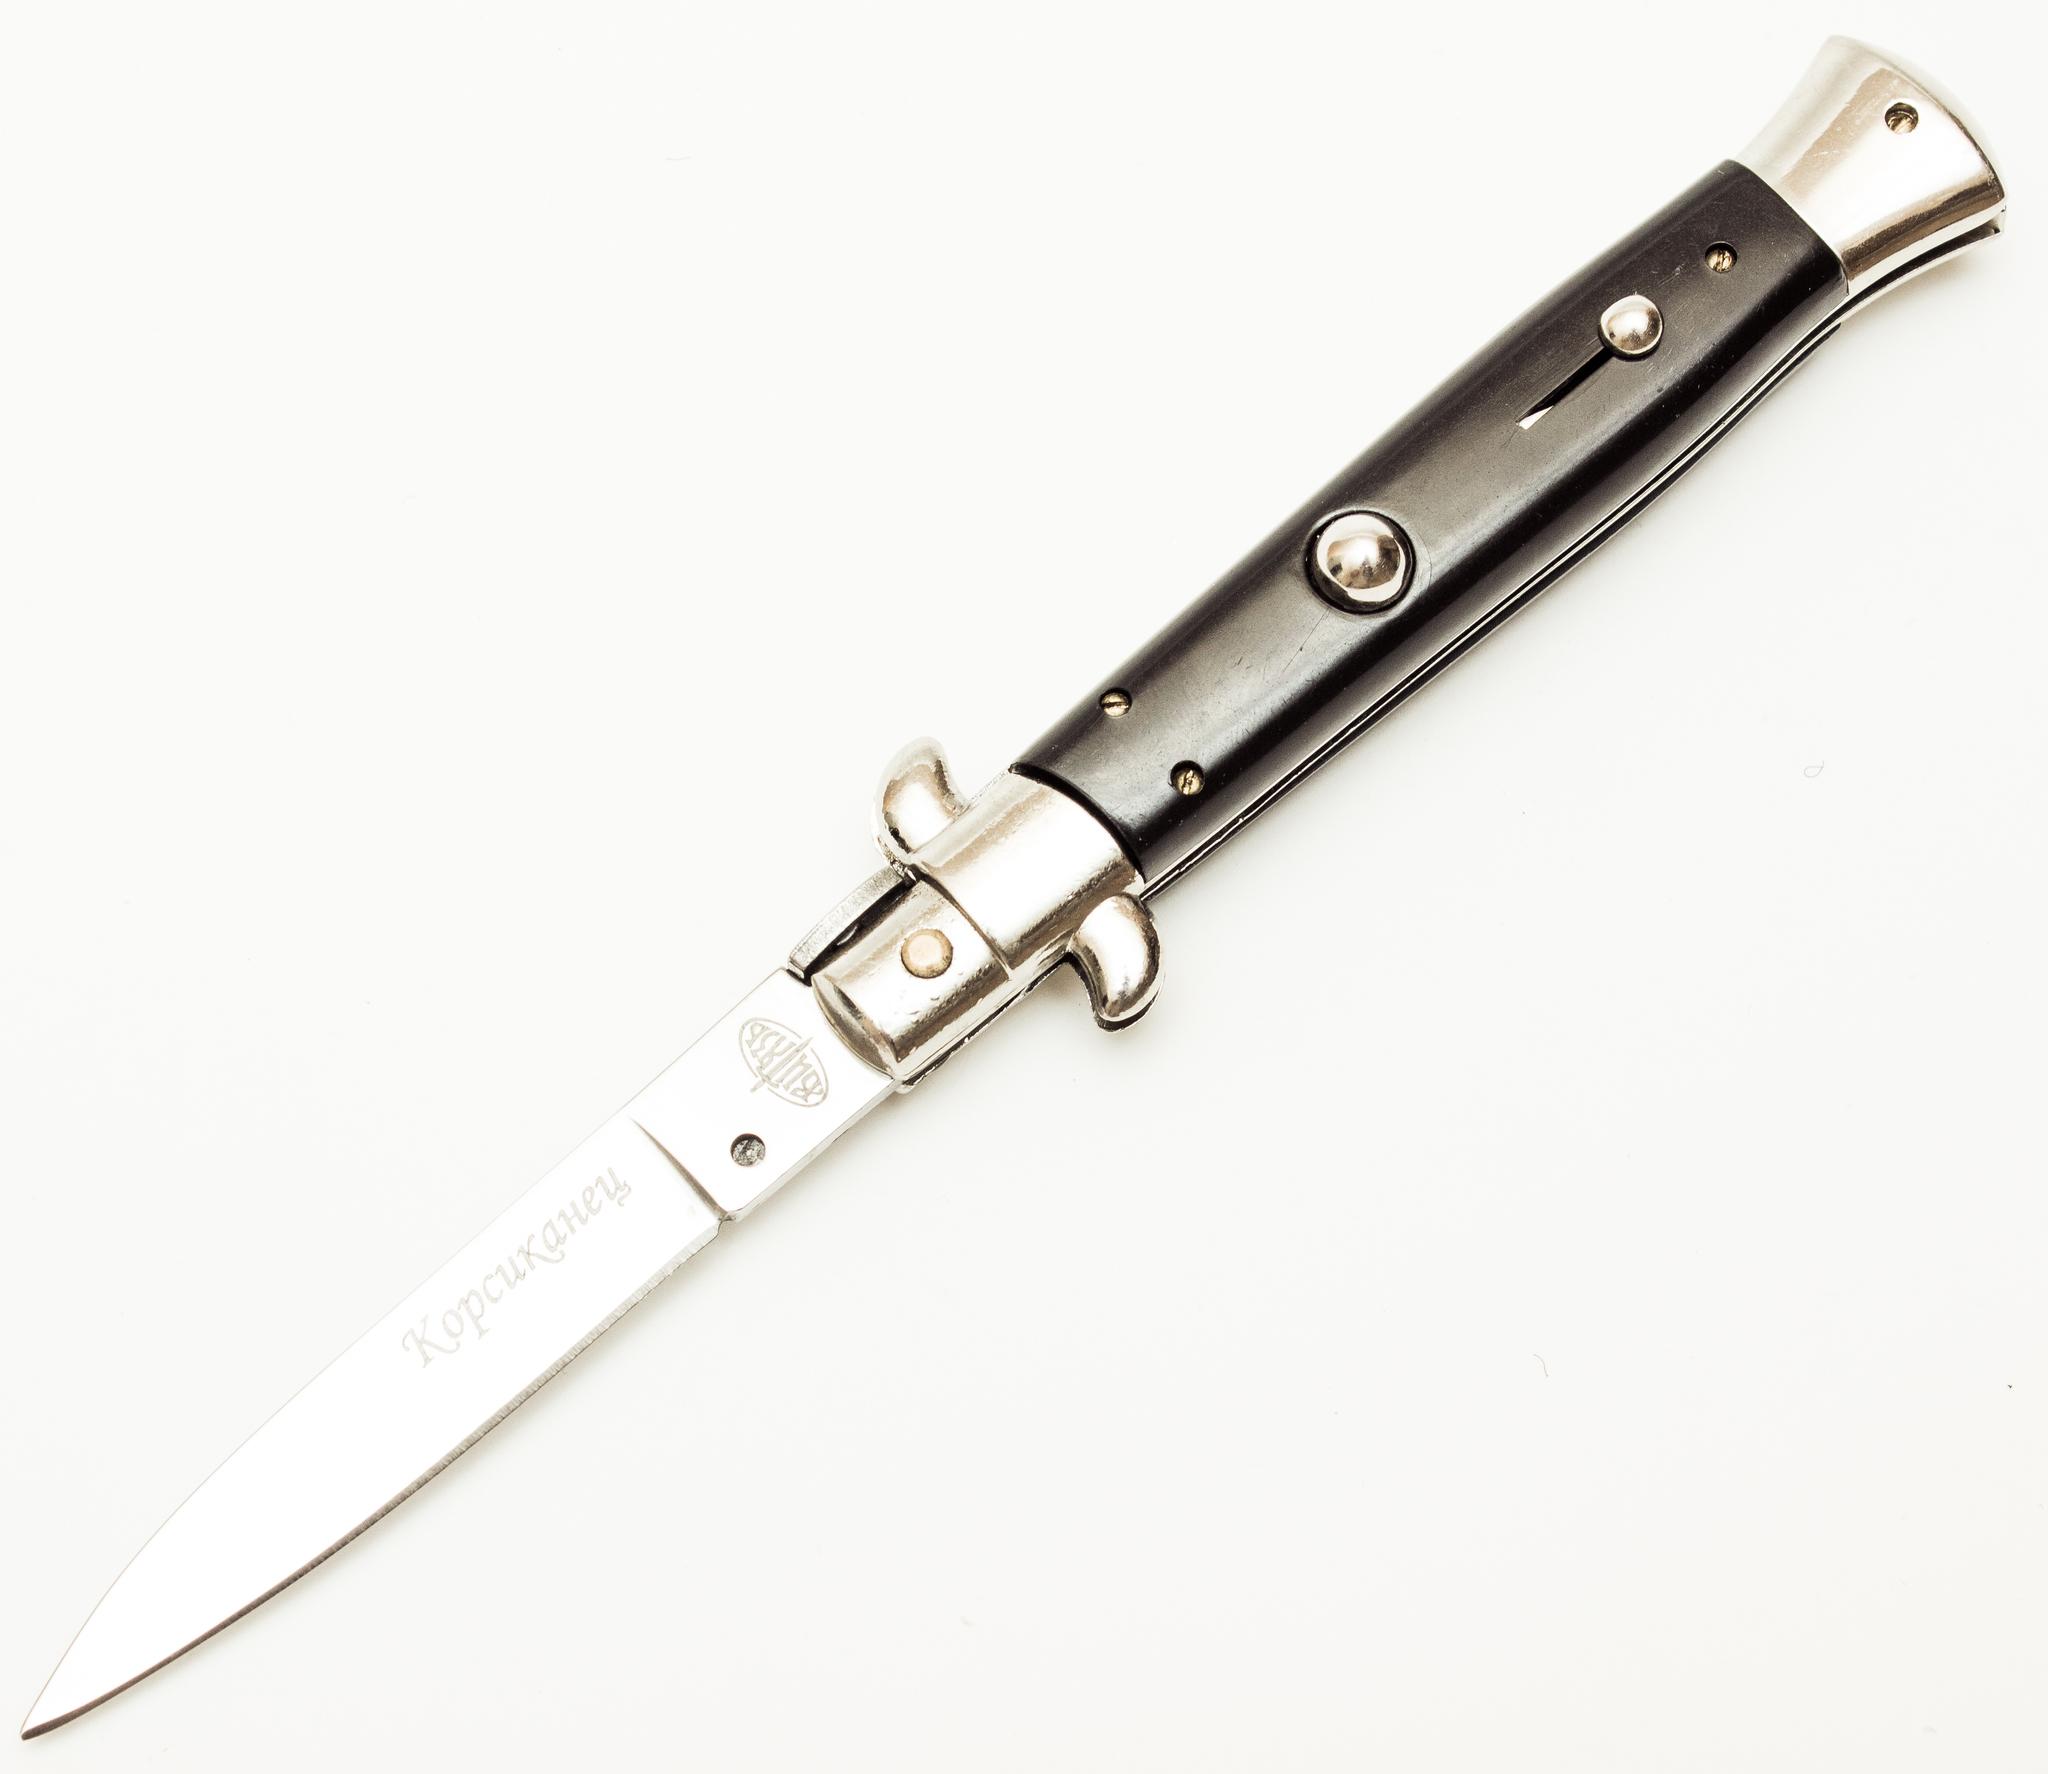 Выкидной нож Корсиканец от Витязь